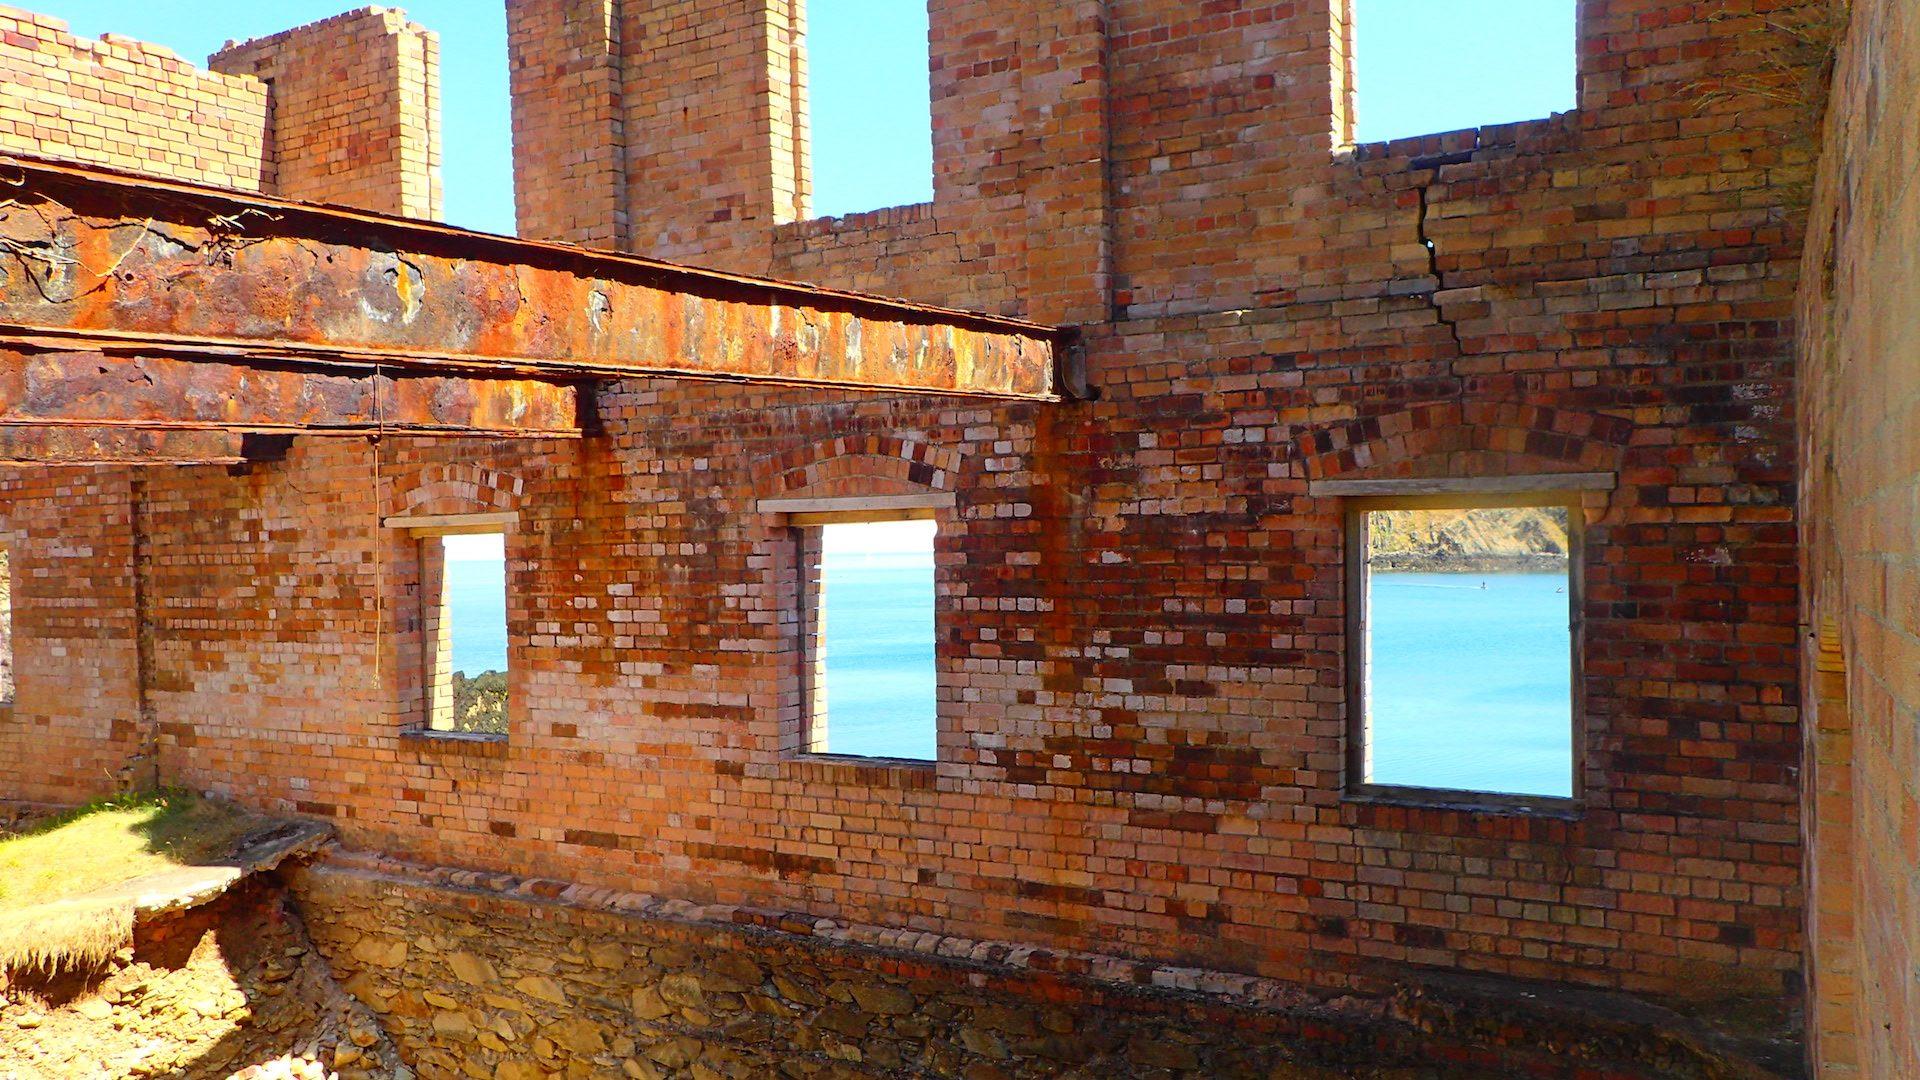 Porth Wen Brick Works